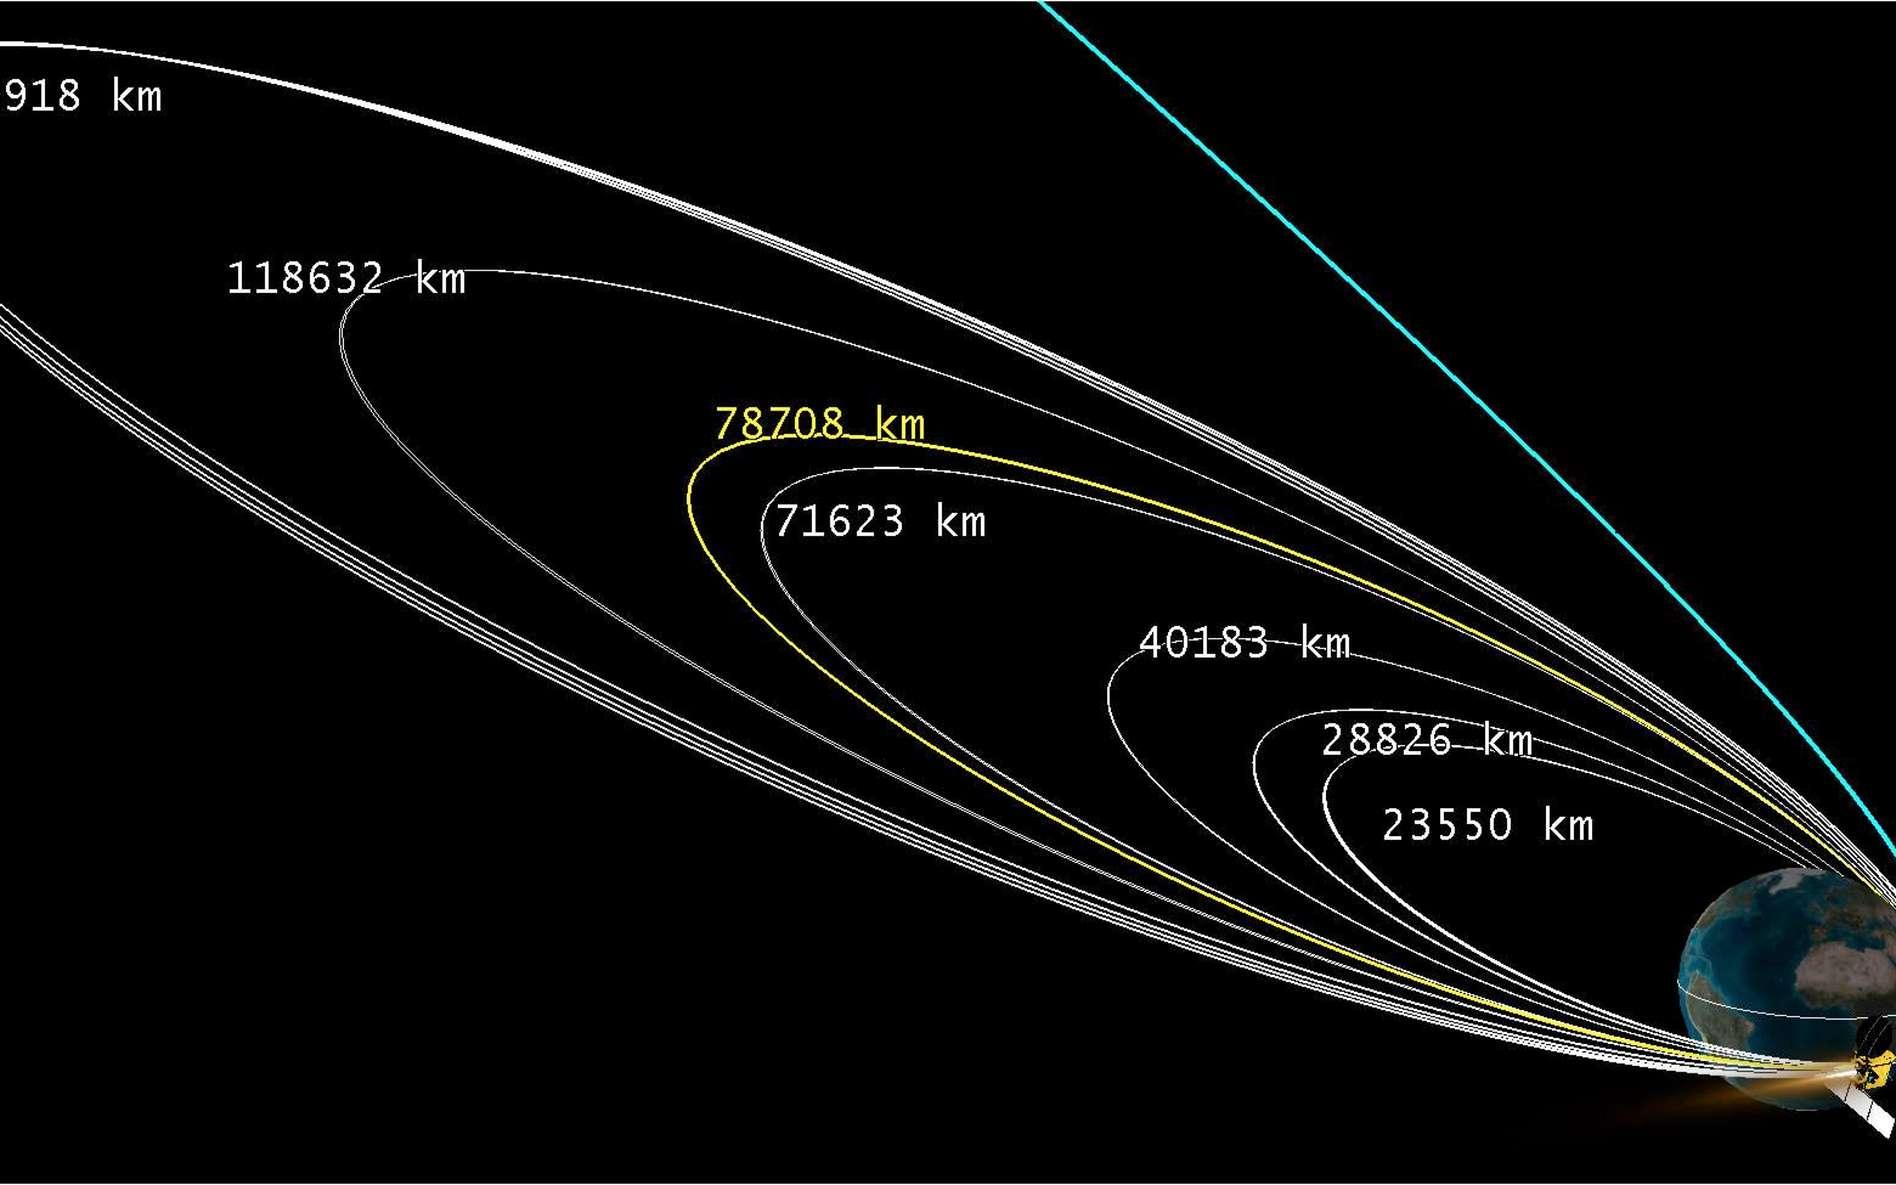 Schéma qui montre les manœuvres que la sonde a été contrainte de réaliser pour atteindre un apogée et une vitesse suffisamment importants pour quitter l'orbite terrestre et s'insérer sur une trajectoire à destination de Mars. © Isro